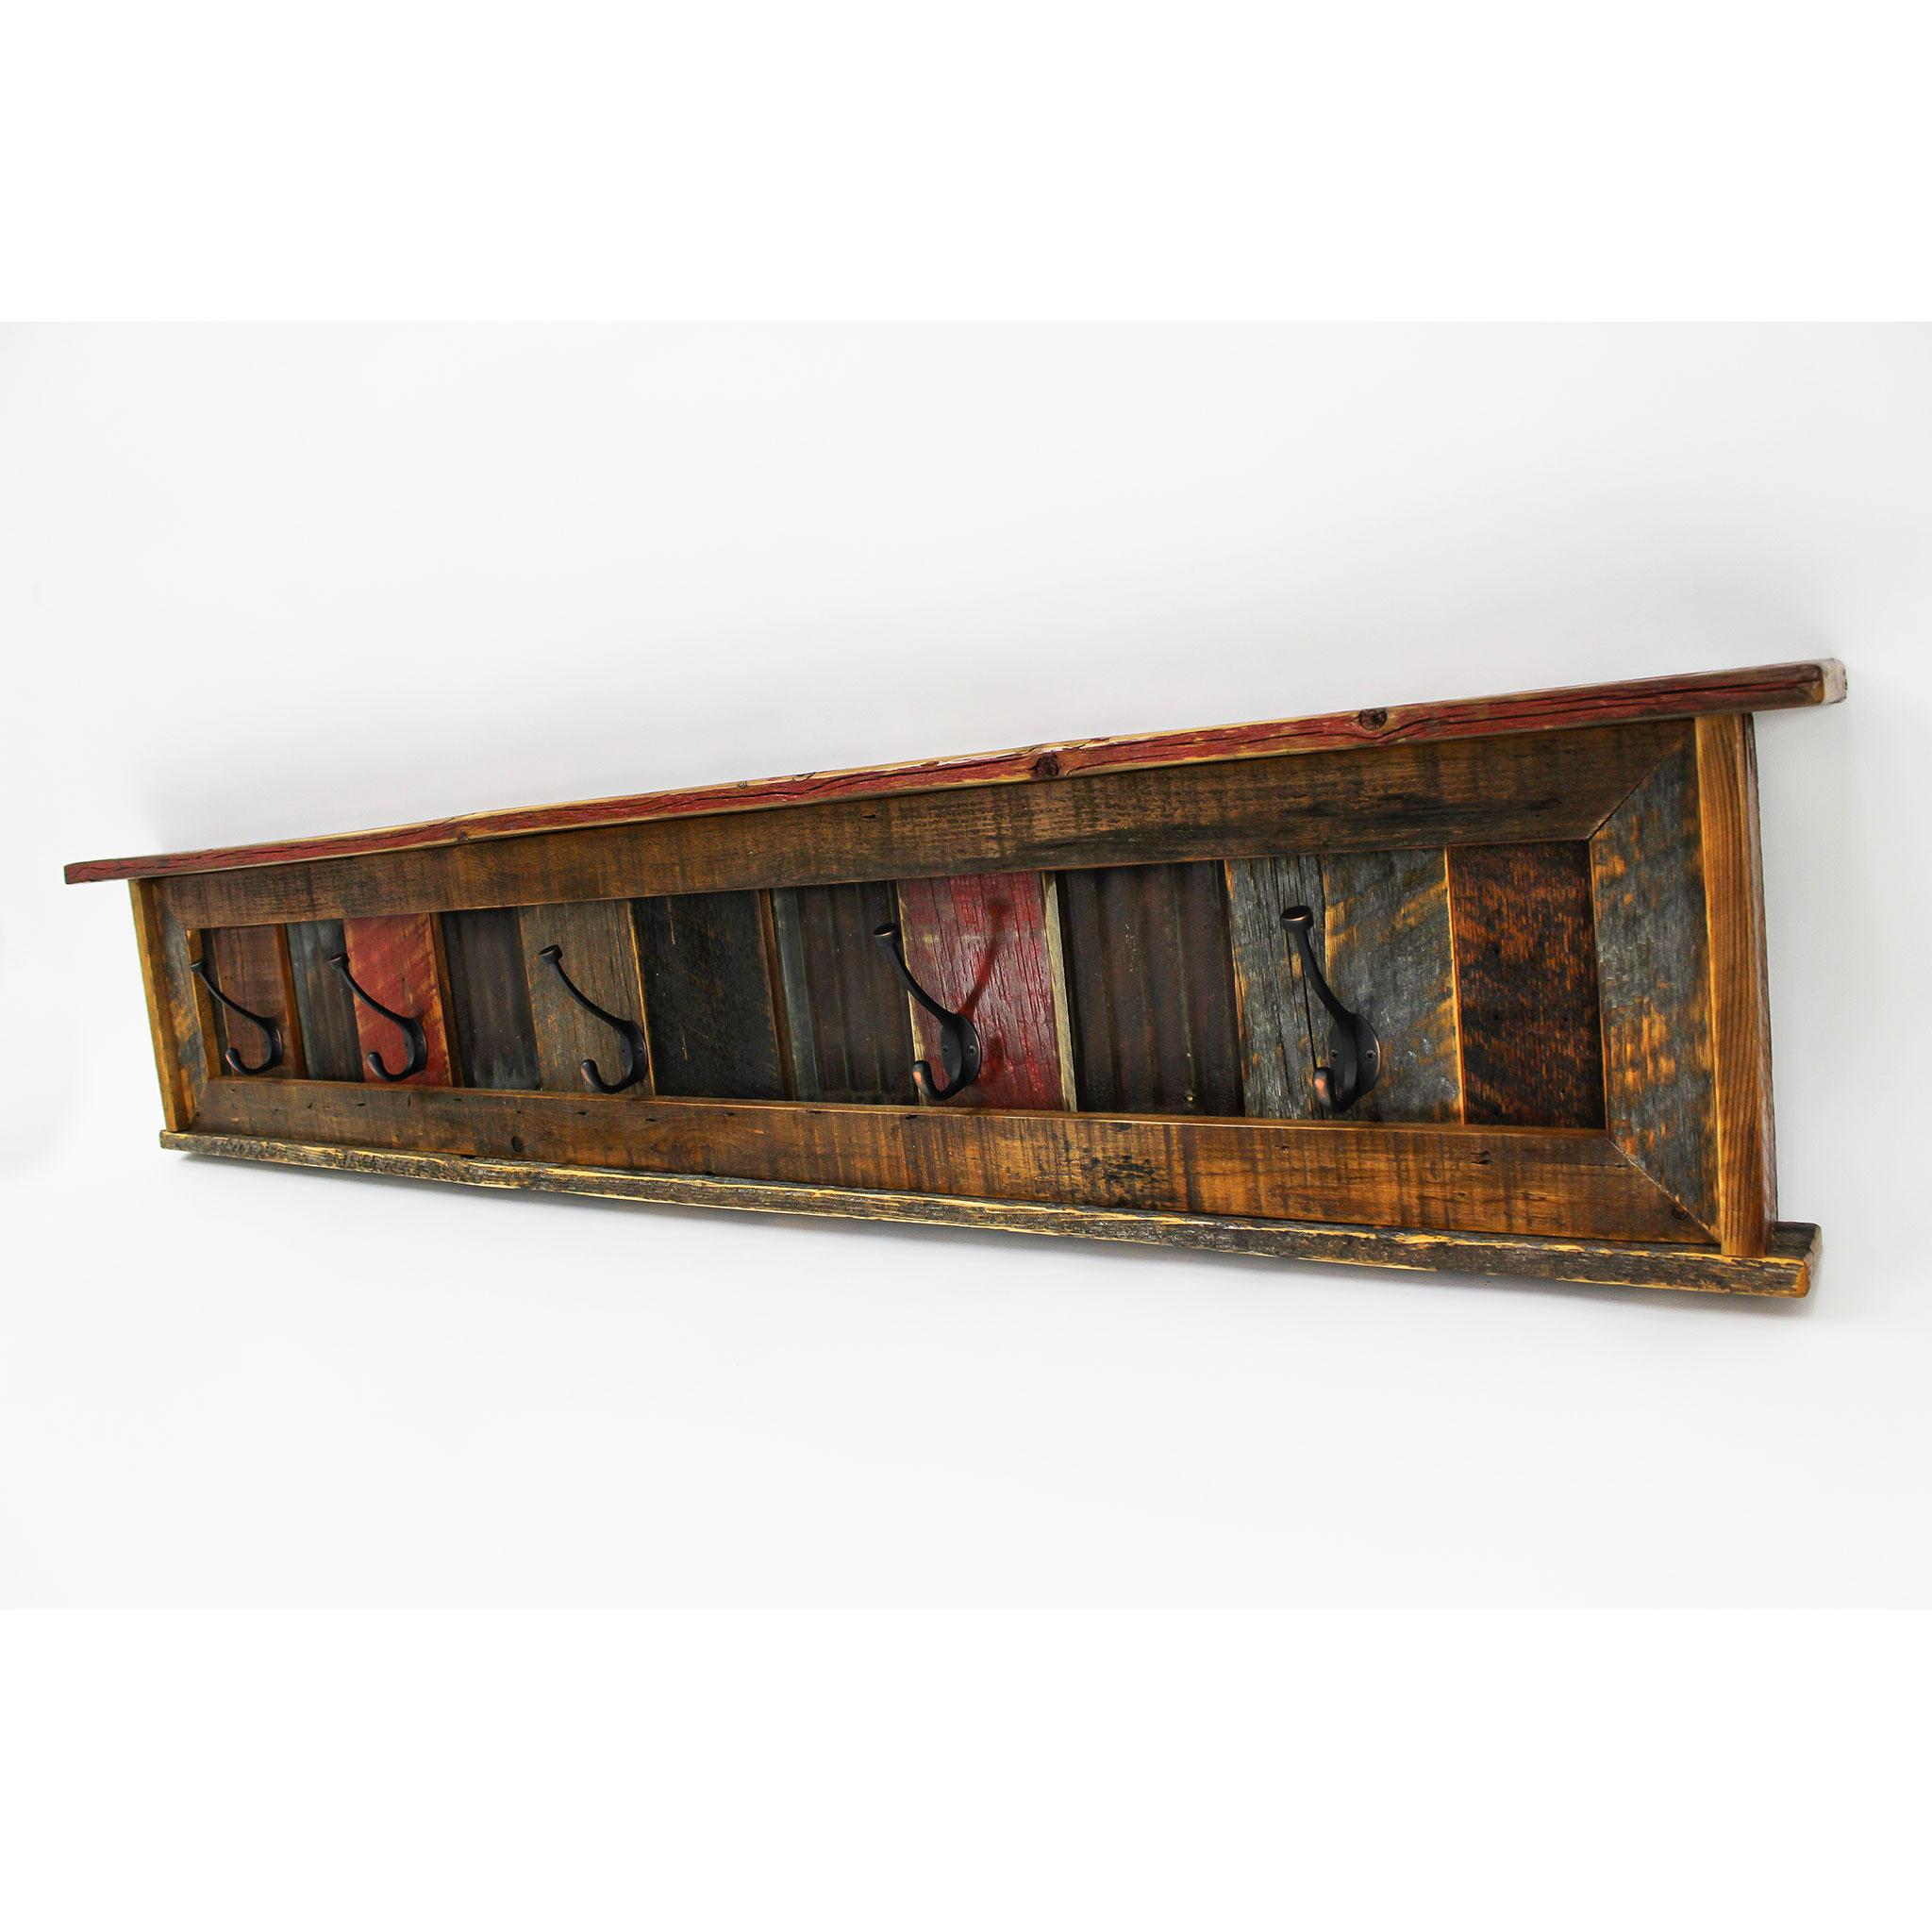 Reclaimed Barnwood Wall Mounted Coat Rack With Shelf